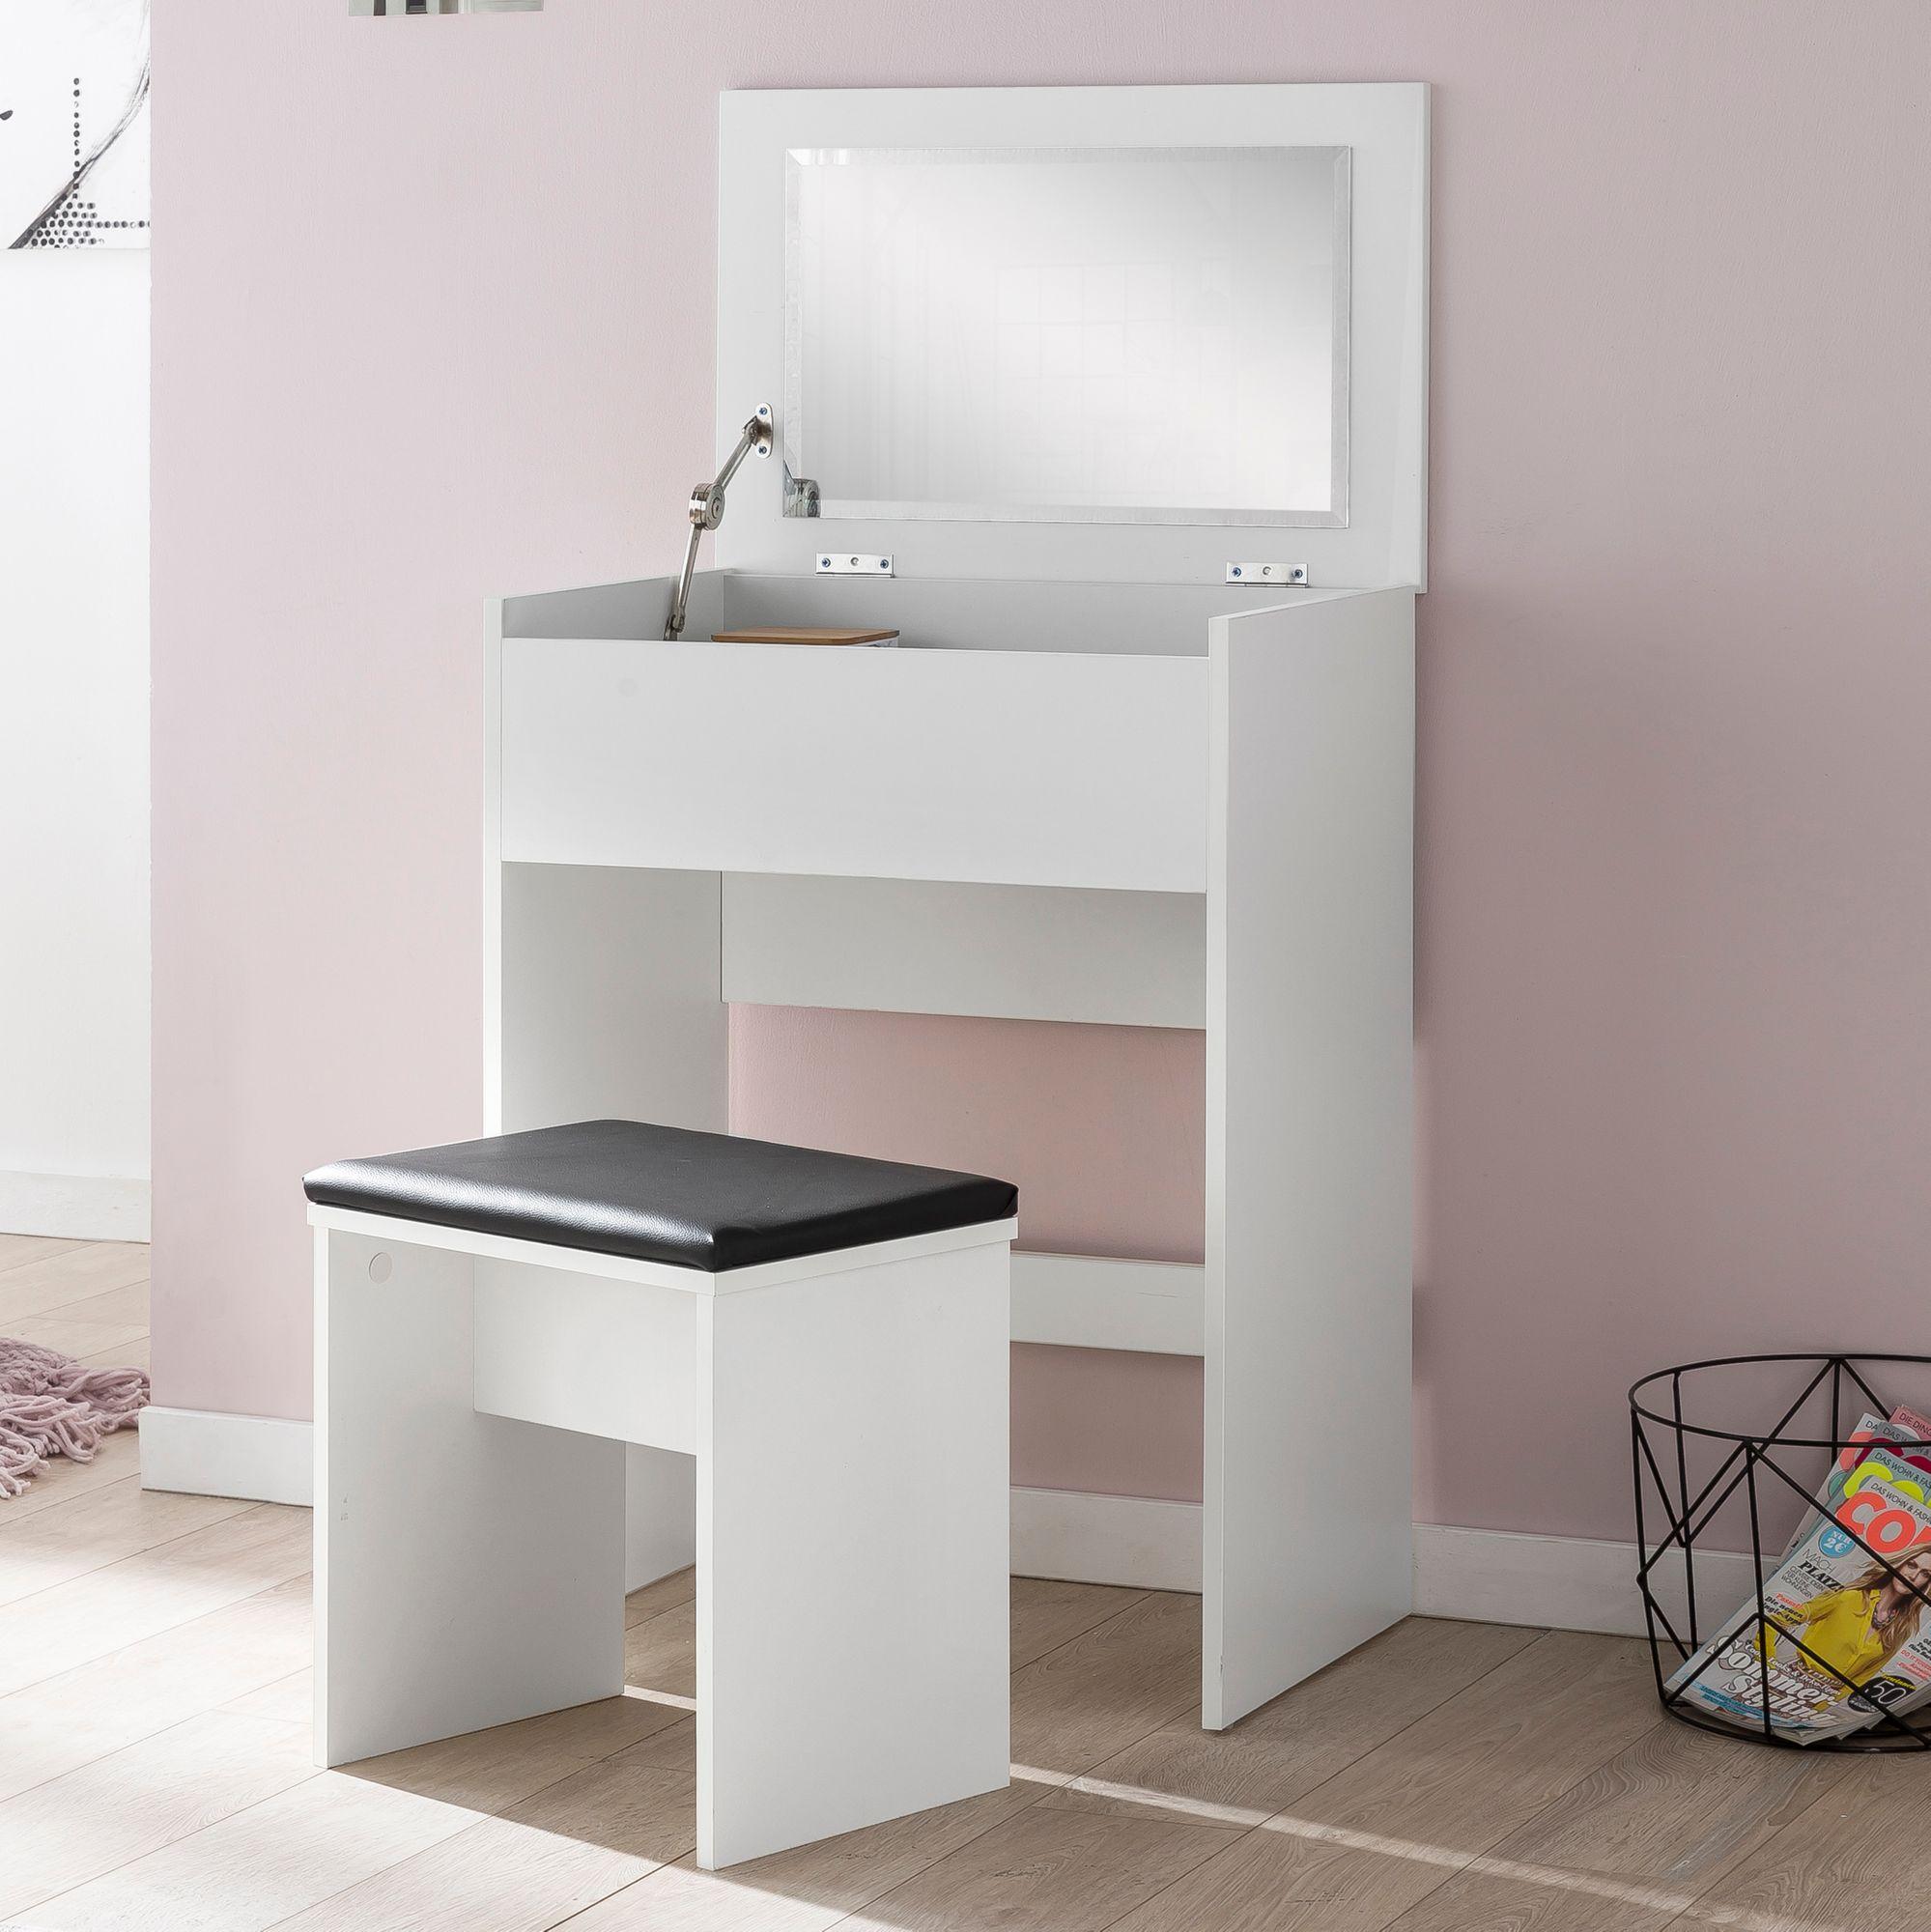 Finebuy Schminktisch Fb51641 Kosmetiktisch Frisiertisch Weiß Spiegel